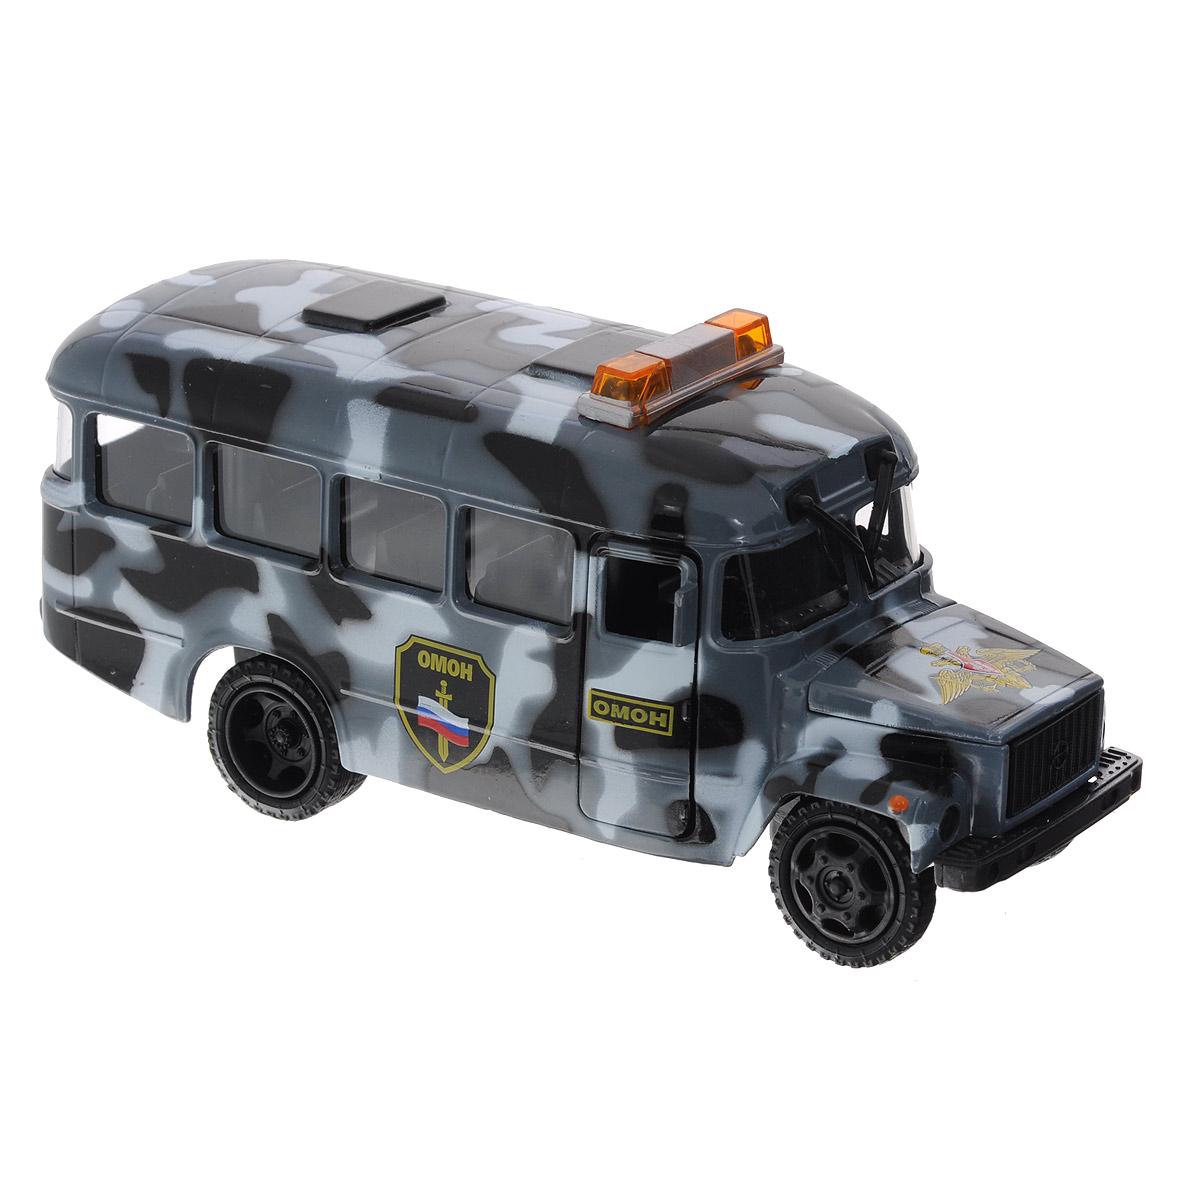 ТехноПарк Машинка инерционная КАвЗ 3976 ОМОНCT10-069-26Машинка инерционная ТехноПарк КАвЗ 3976: ОМОН, выполненная из пластика и металла, станет любимой игрушкой вашего малыша. Игрушка представляет собой модель автобуса КАвЗ 3976 ОМОНа. Дверцы кабины водителя, кузова и капот открываются. При нажатии на капот машины, замигают проблесковые маячки на крыше и прозвучат команды диспетчера. Игрушка оснащена инерционным ходом. Машинку необходимо отвести назад, затем отпустить - и она быстро поедет вперед. Прорезиненные колеса обеспечивают надежное сцепление с любой поверхностью пола. Ваш ребенок будет часами играть с этой машинкой, придумывая различные истории. Порадуйте его таким замечательным подарком! Машинка работает от батареек (товар комплектуется демонстрационными).